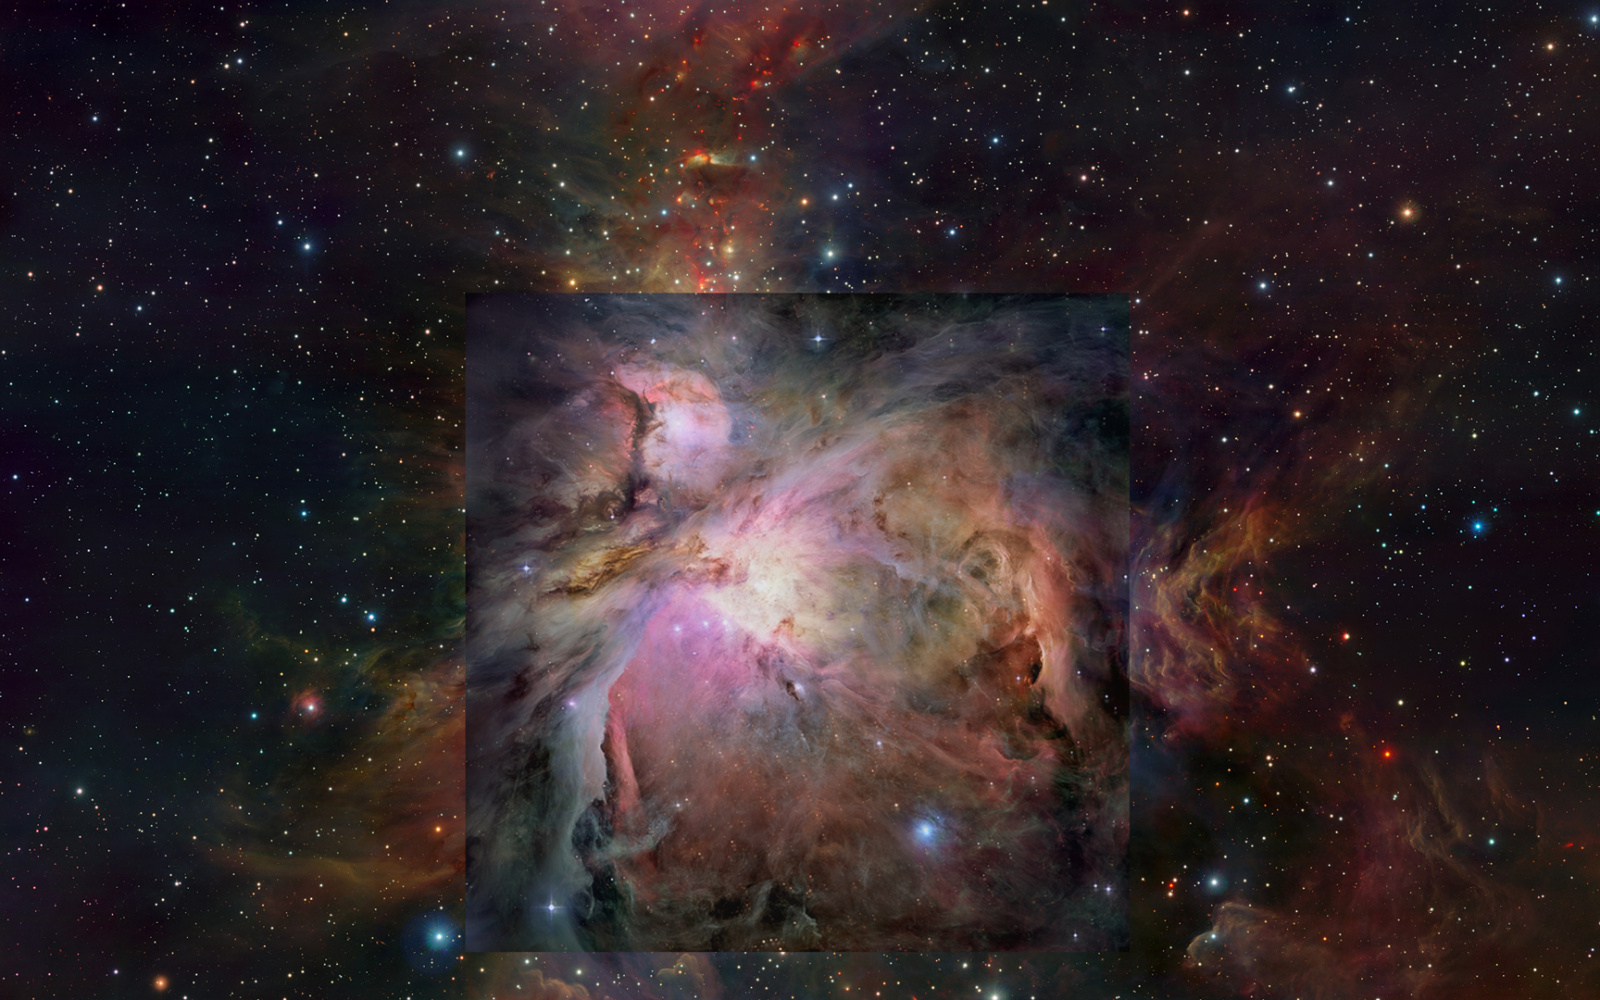 1Orion_Nebula_(Messier_42).jpg